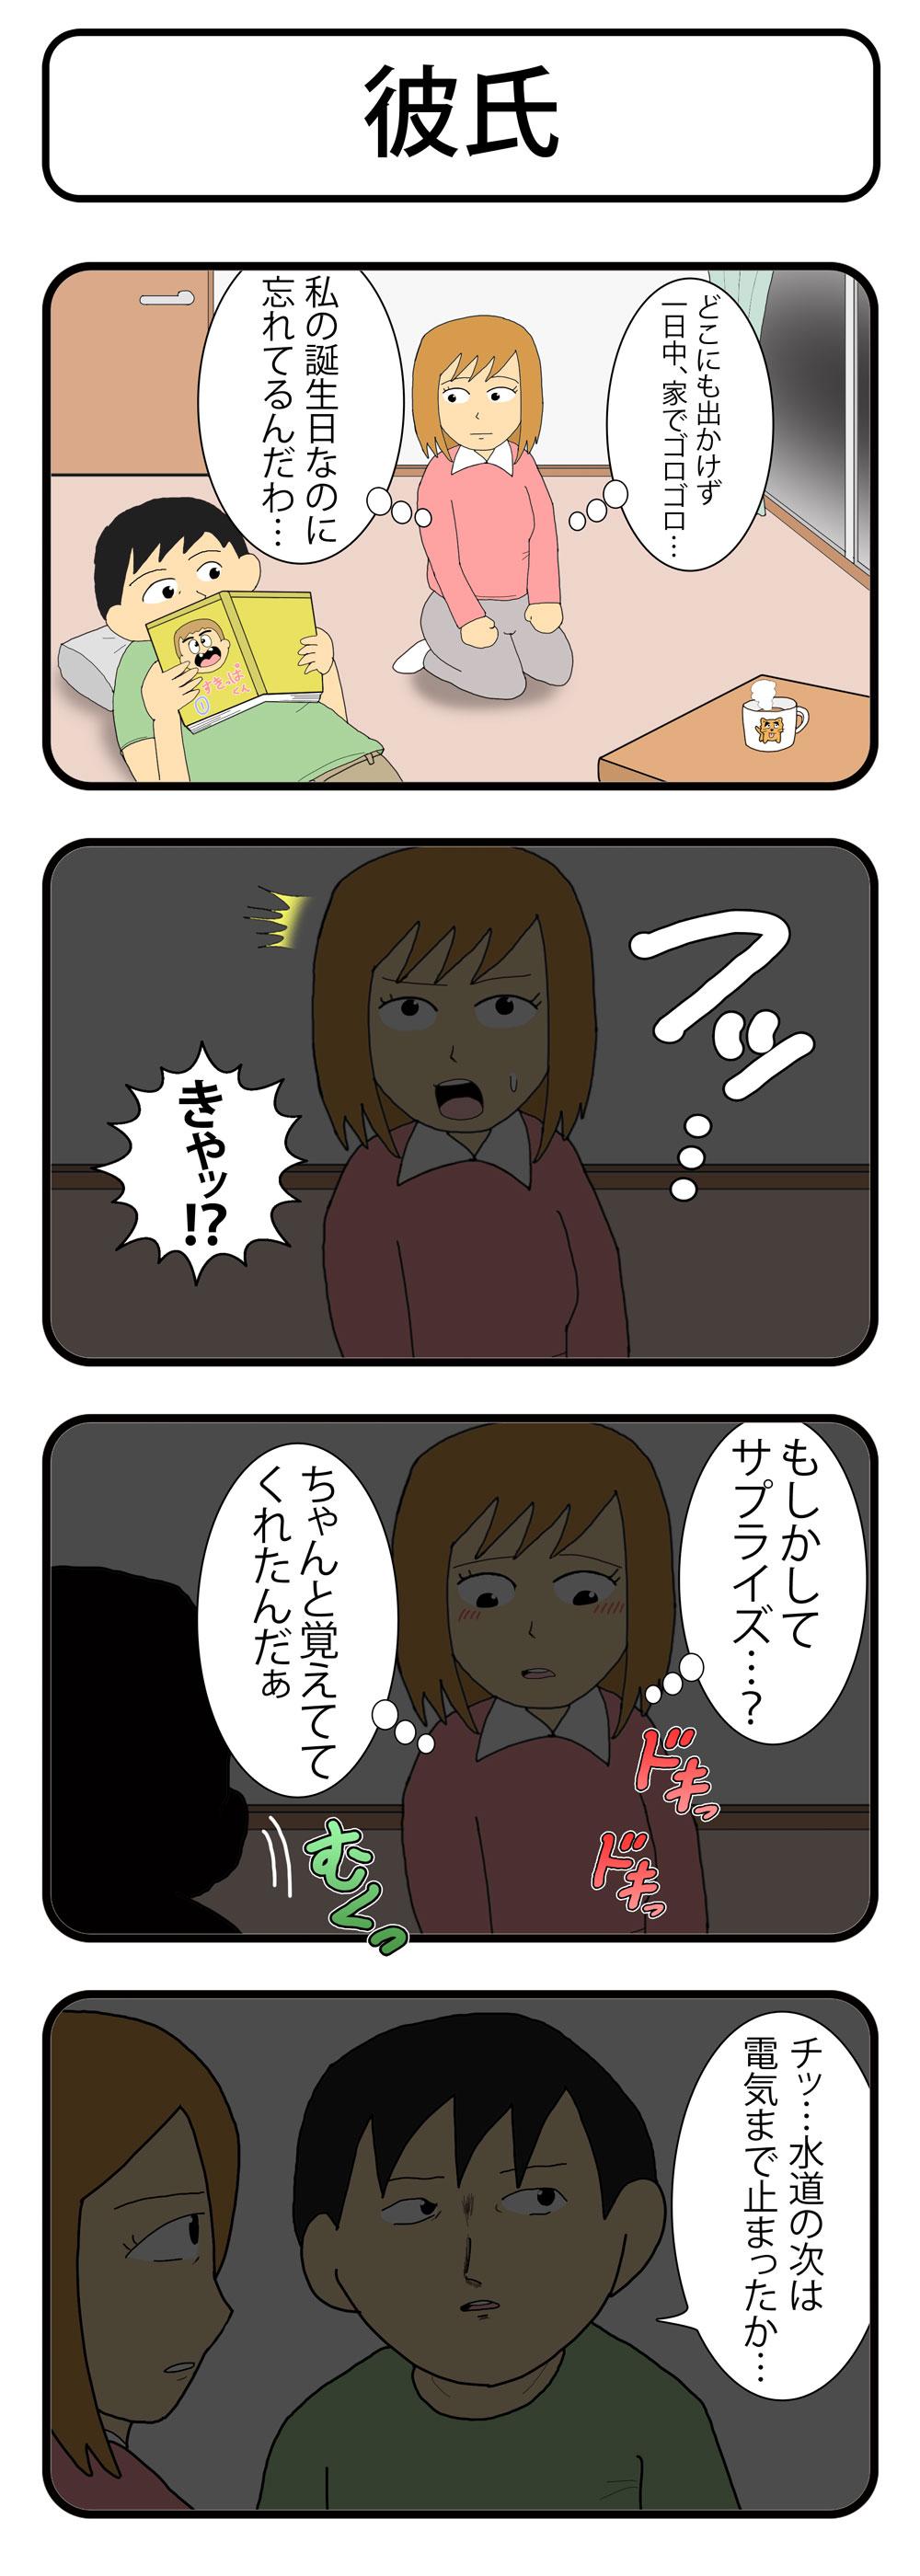 ①ダメ彼氏c